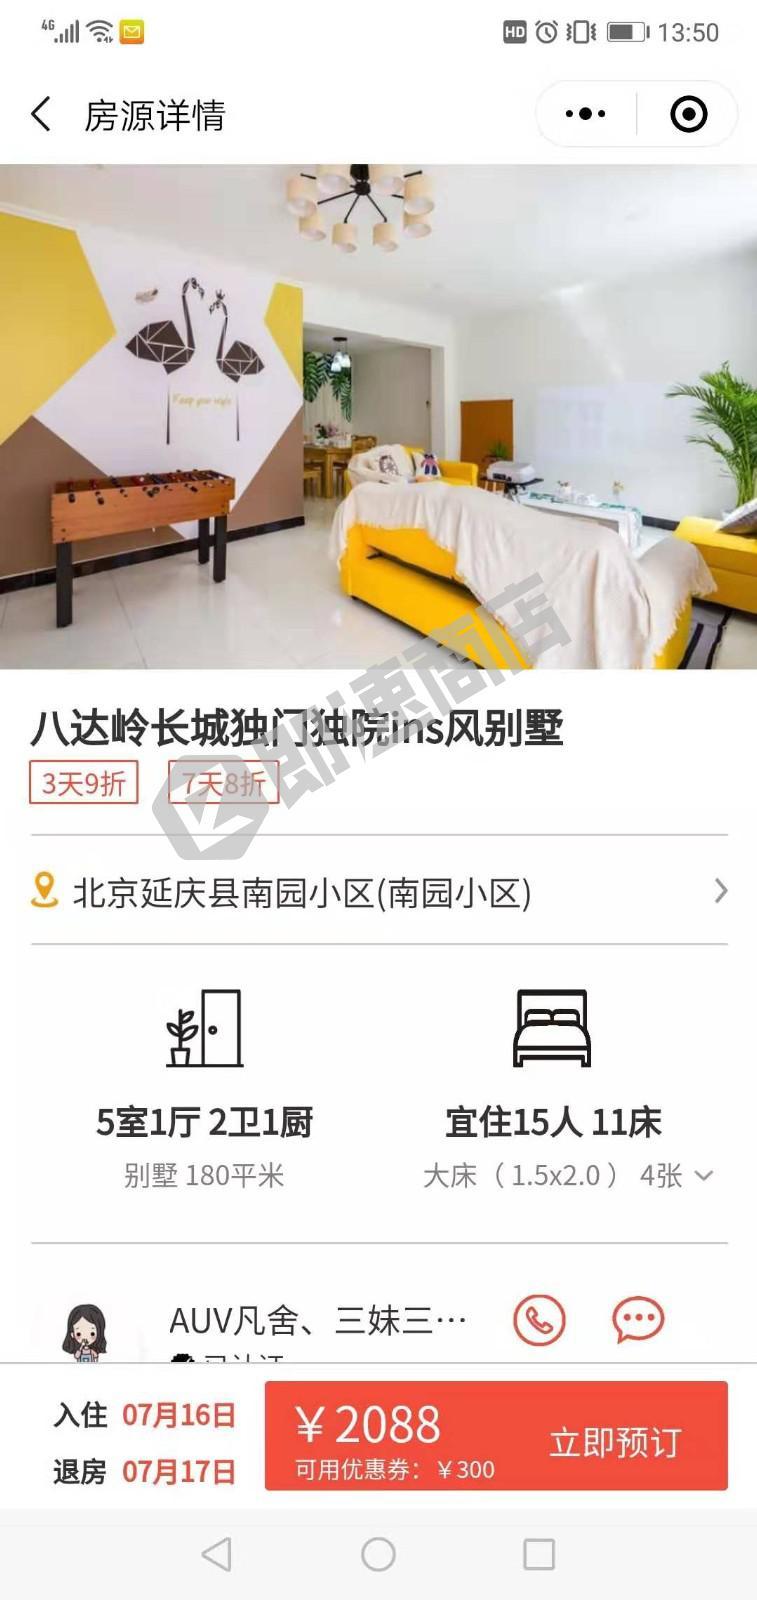 住墅高端民宿预订小程序列表页截图